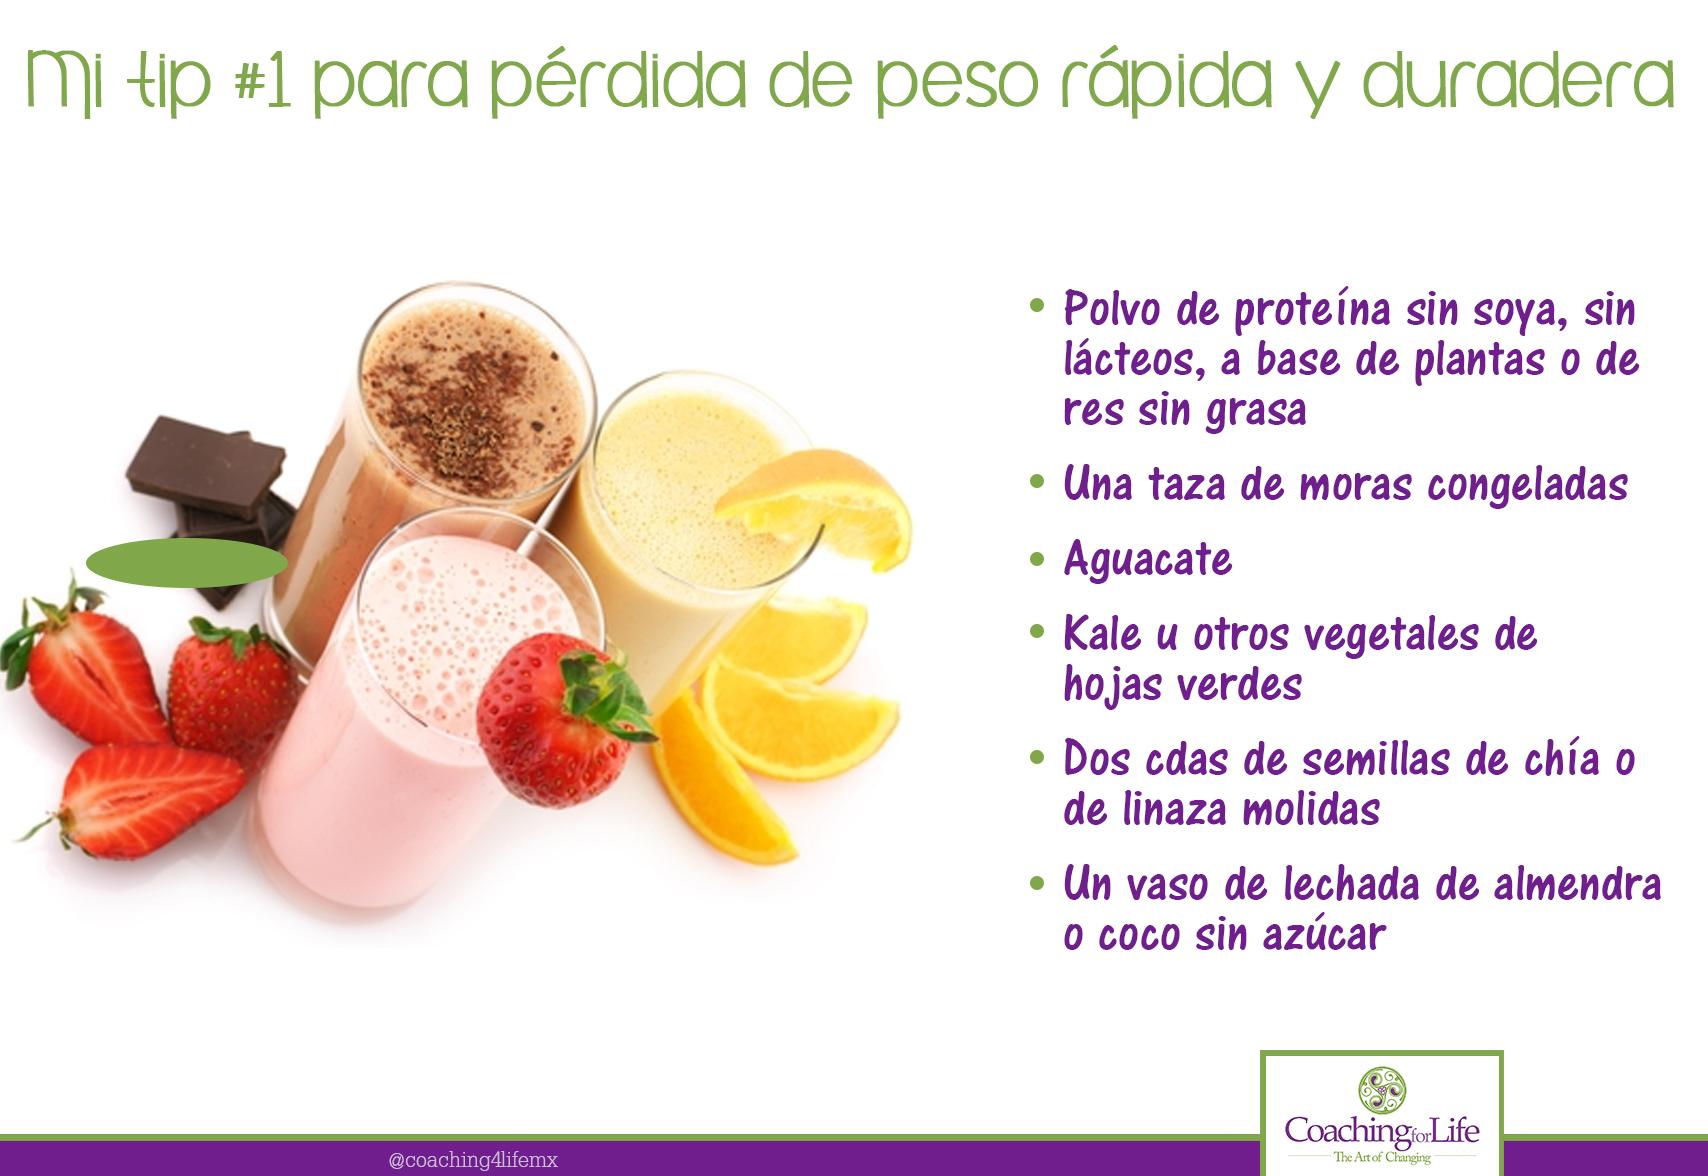 dieta proteinas para perder peso